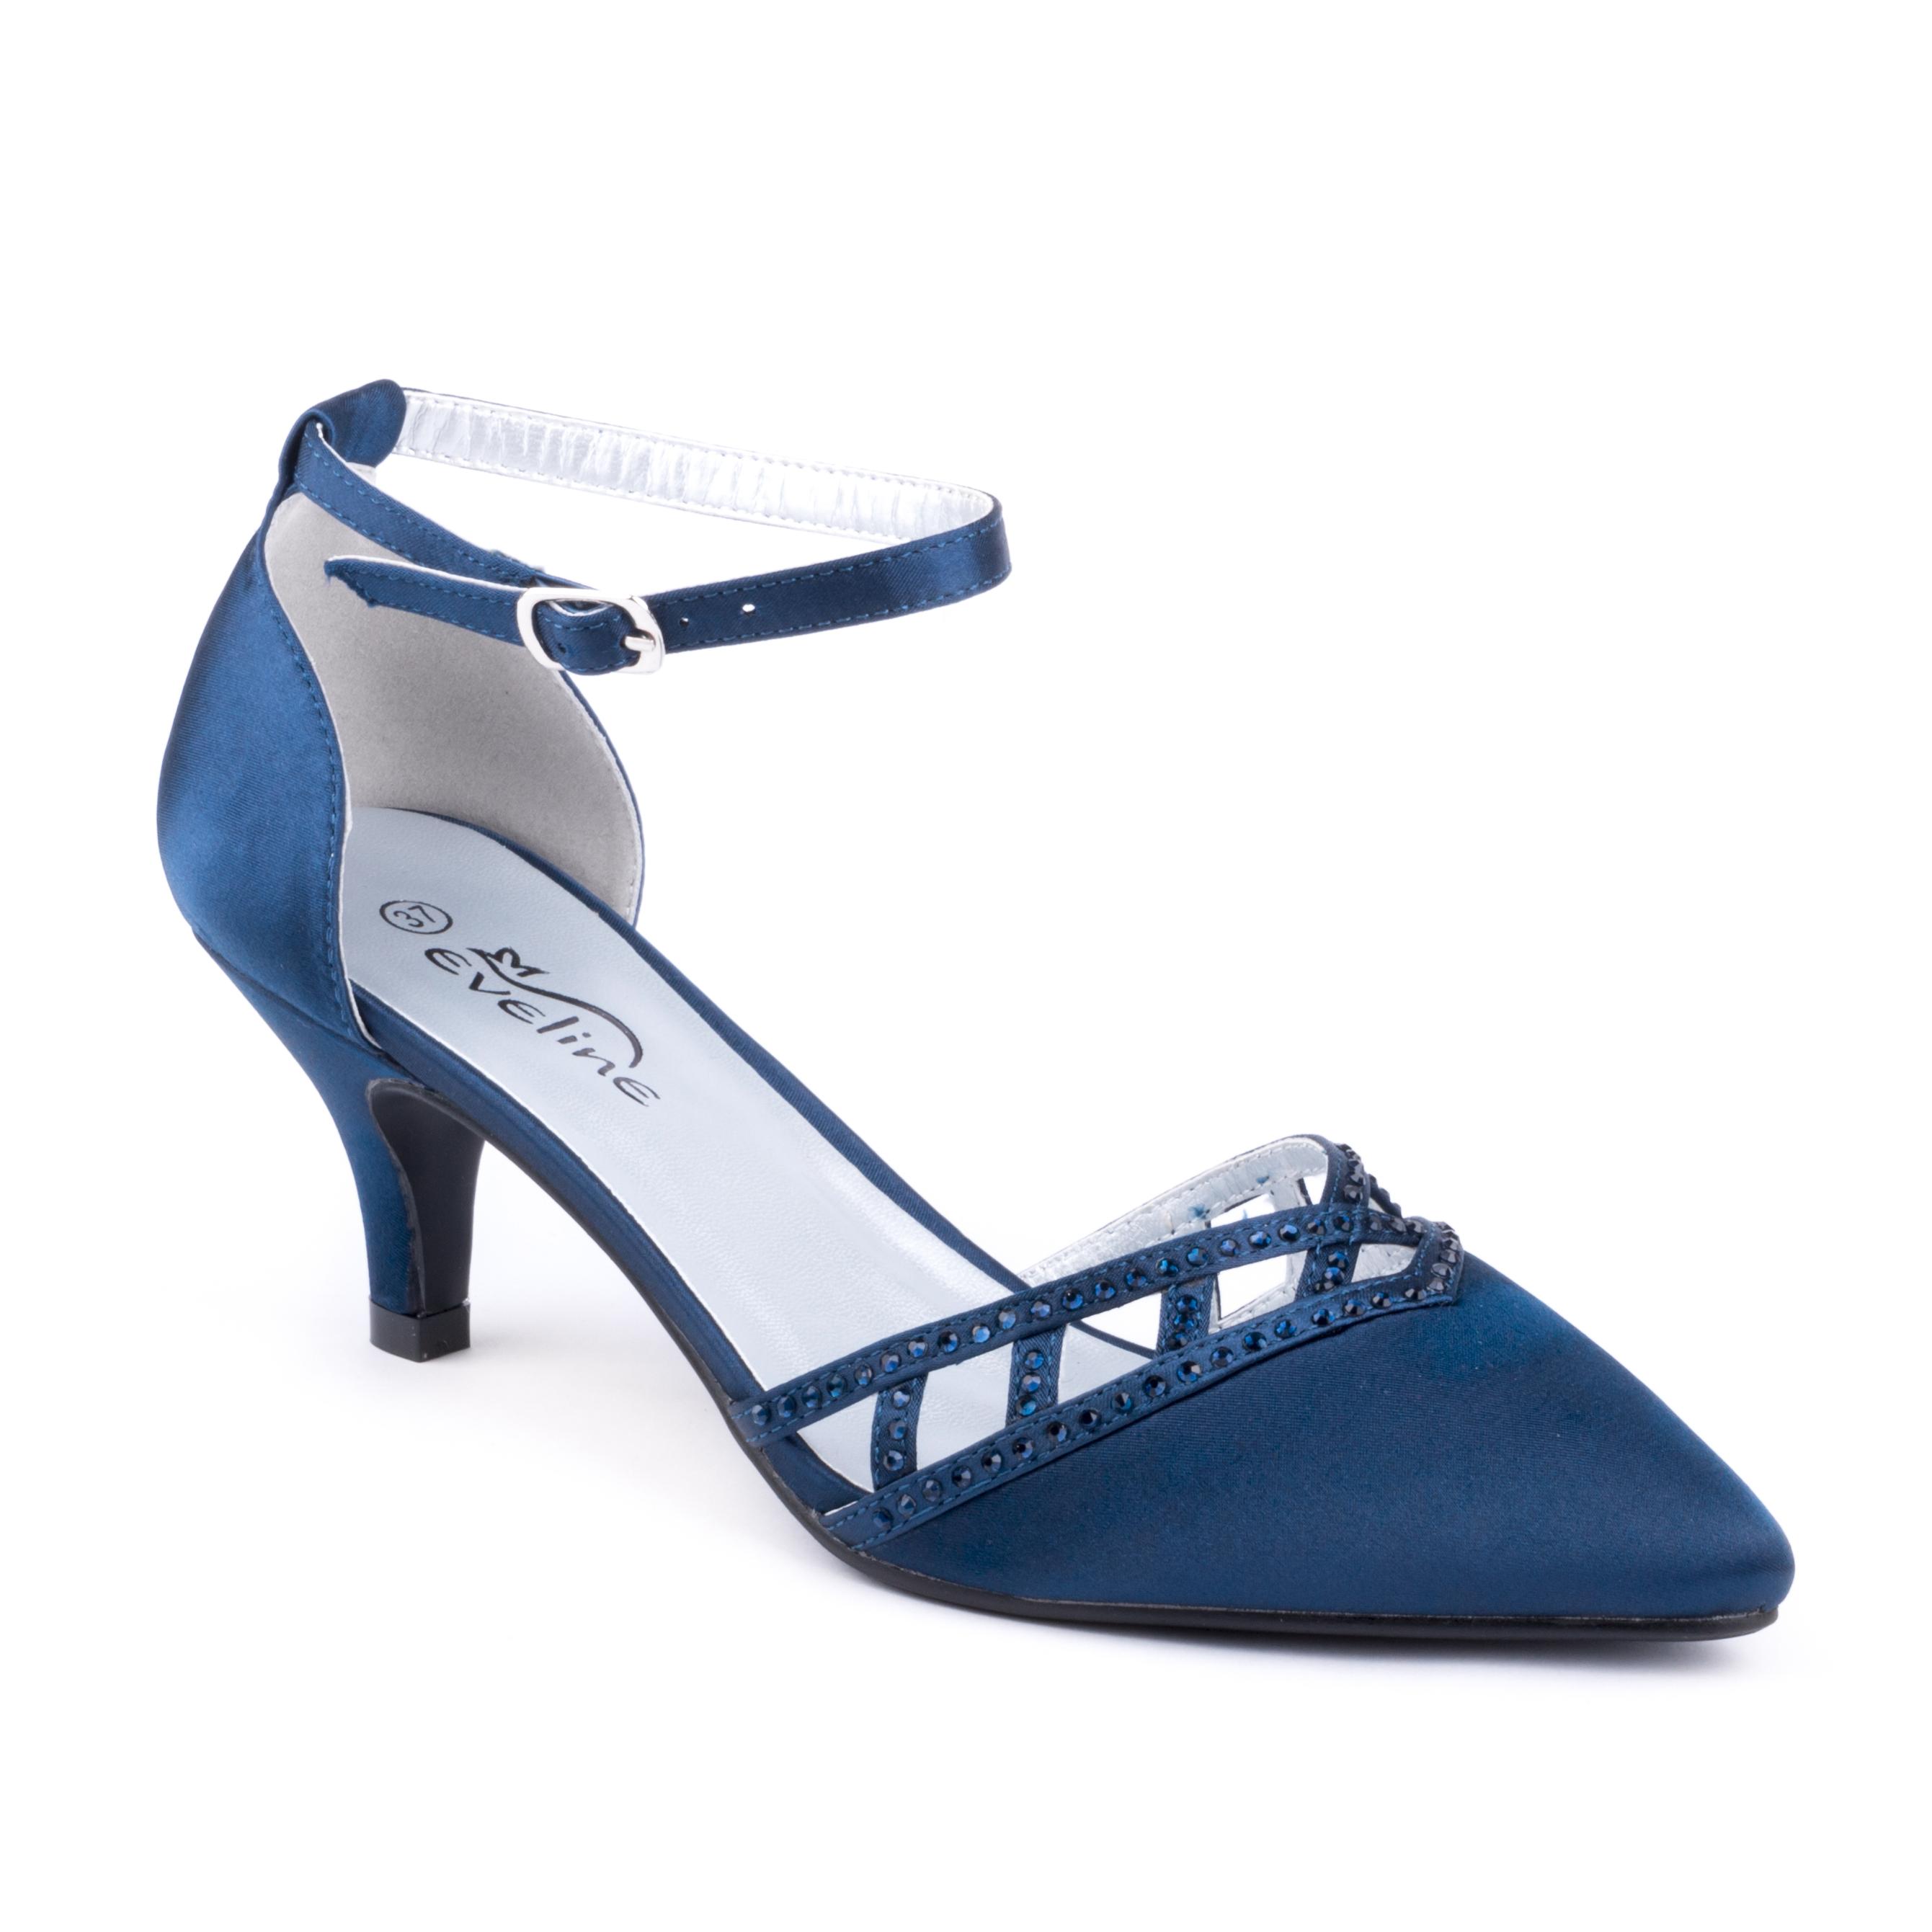 Modrá společenská bota V+J 7100248